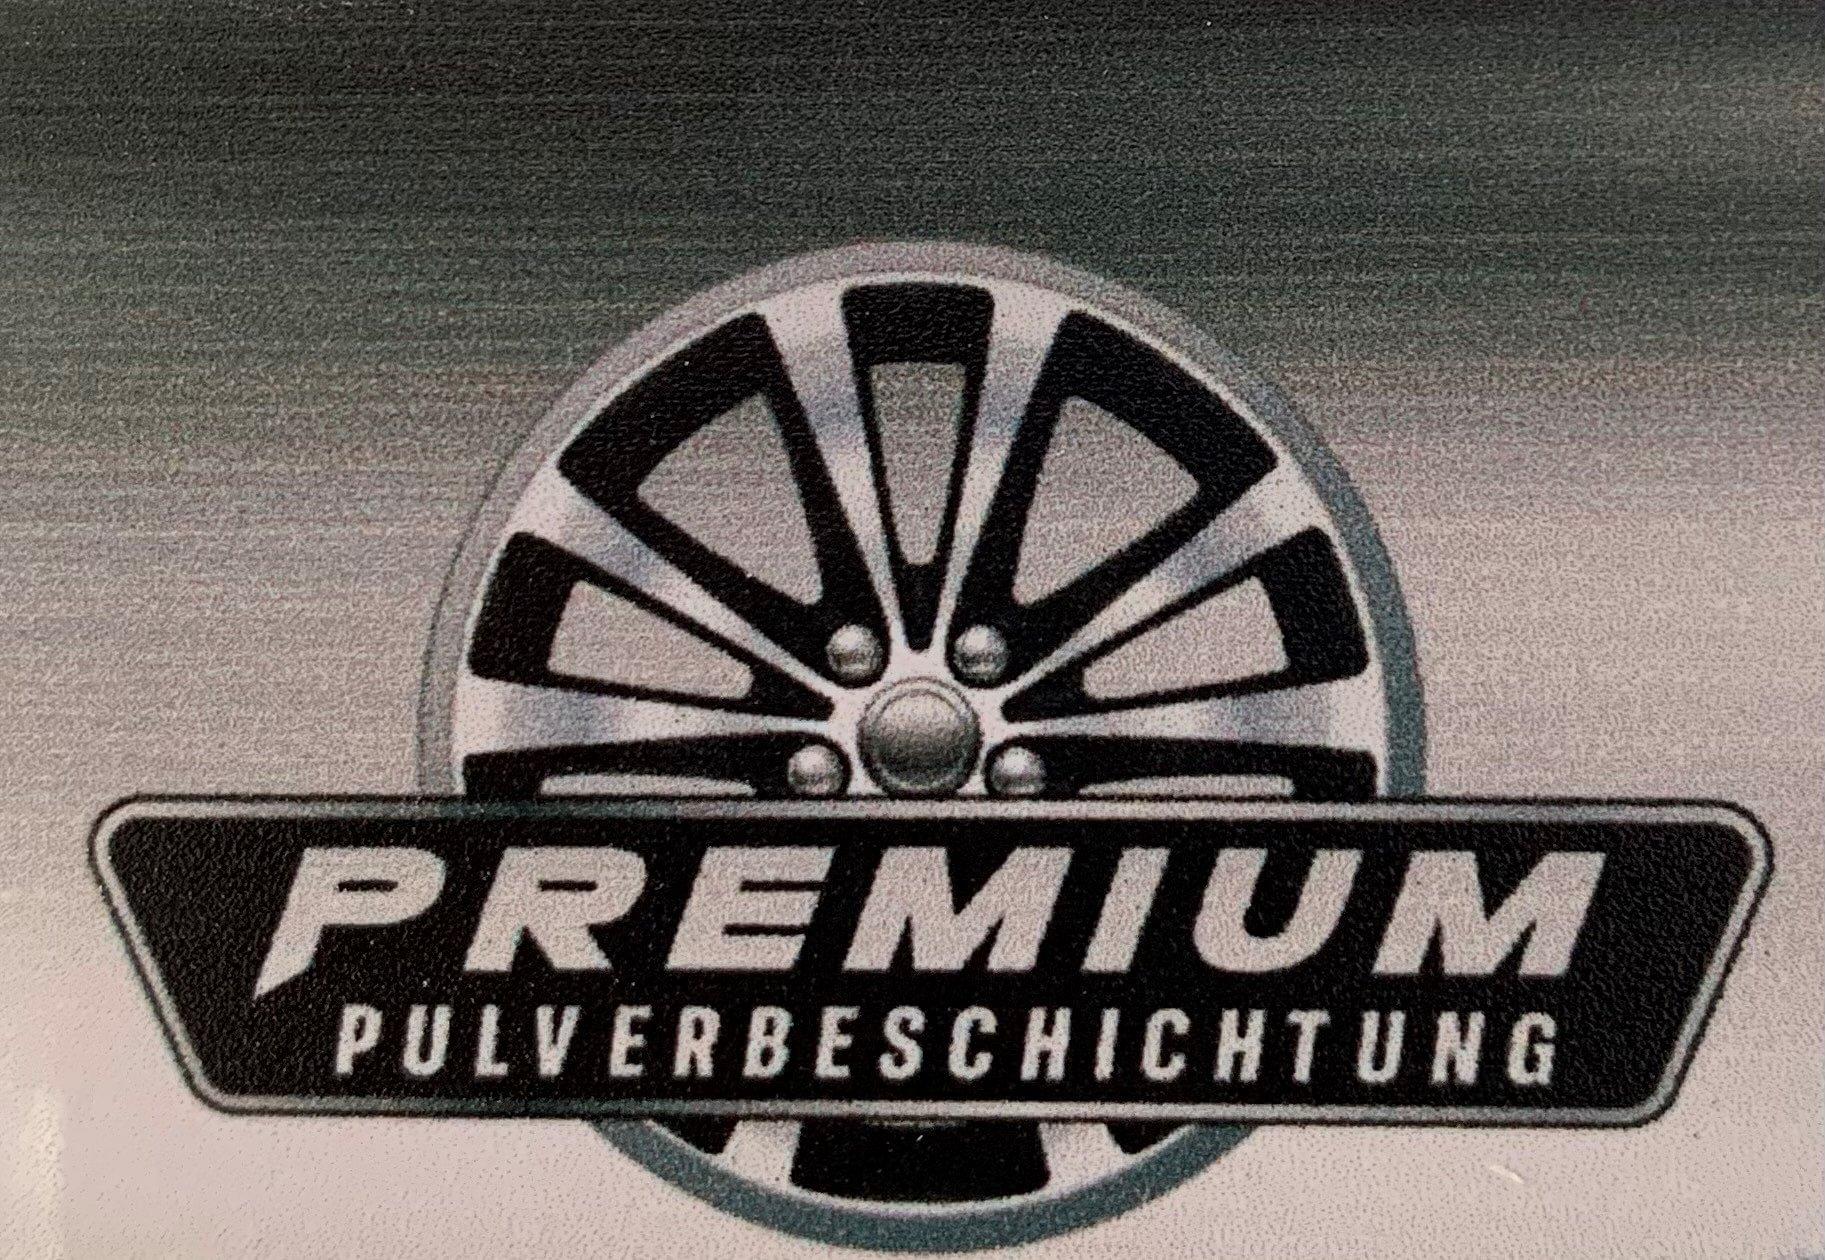 Premium Pulverbeschichtung GmbH